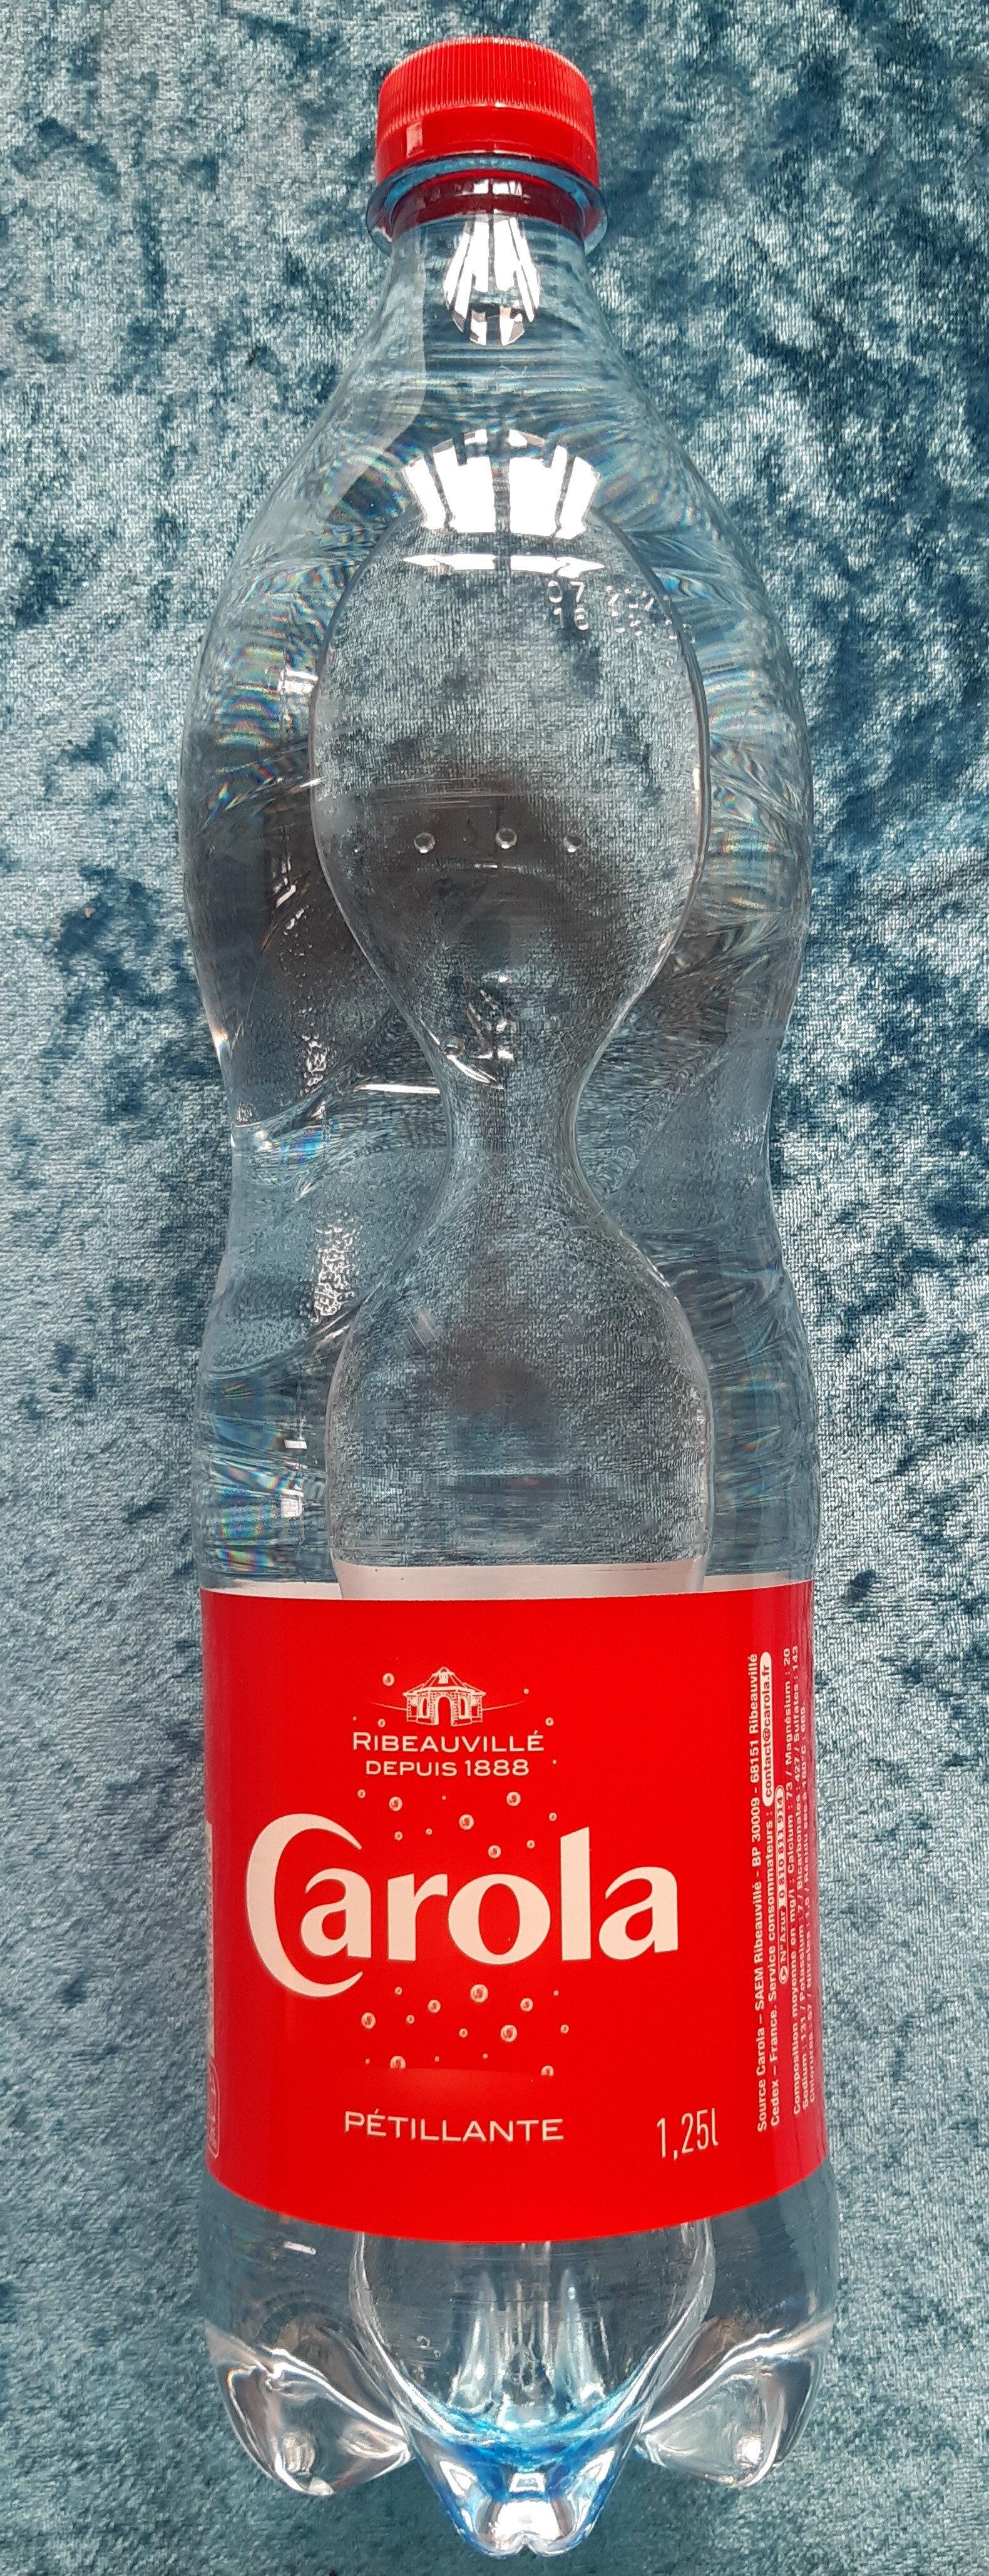 Carola pétillante - Product - fr